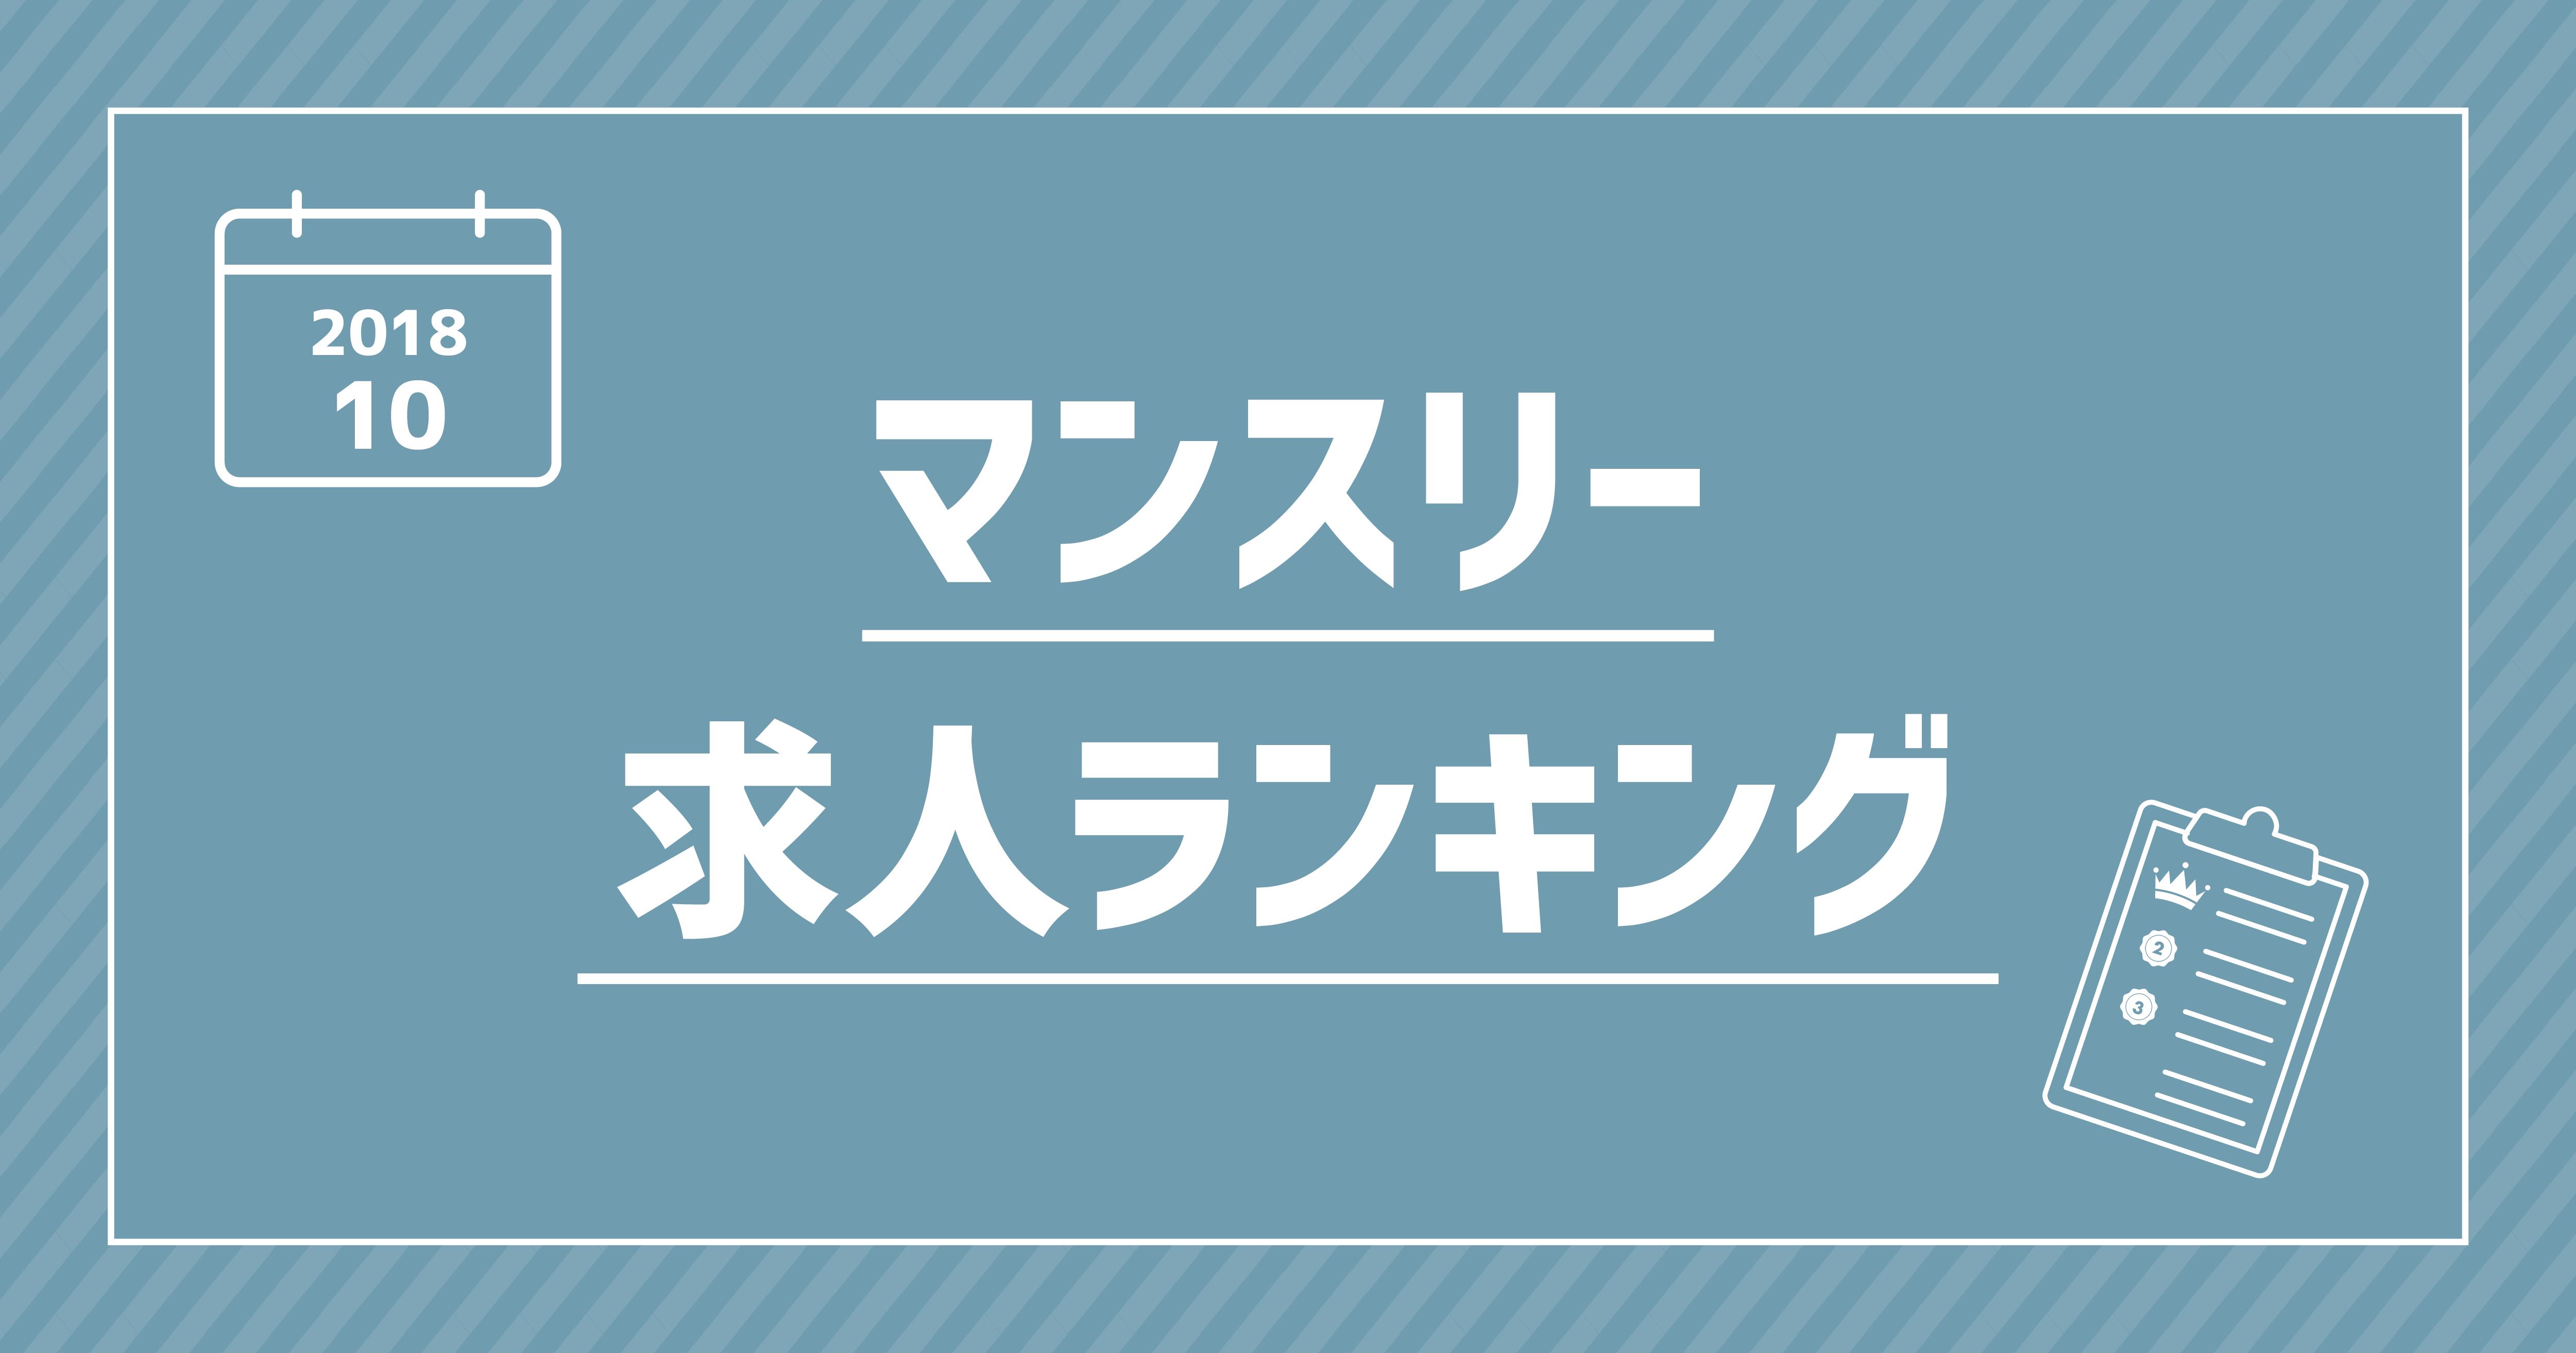 【2018年10月】マンスリー求人ランキング(求人掲載件数・平均給与額)